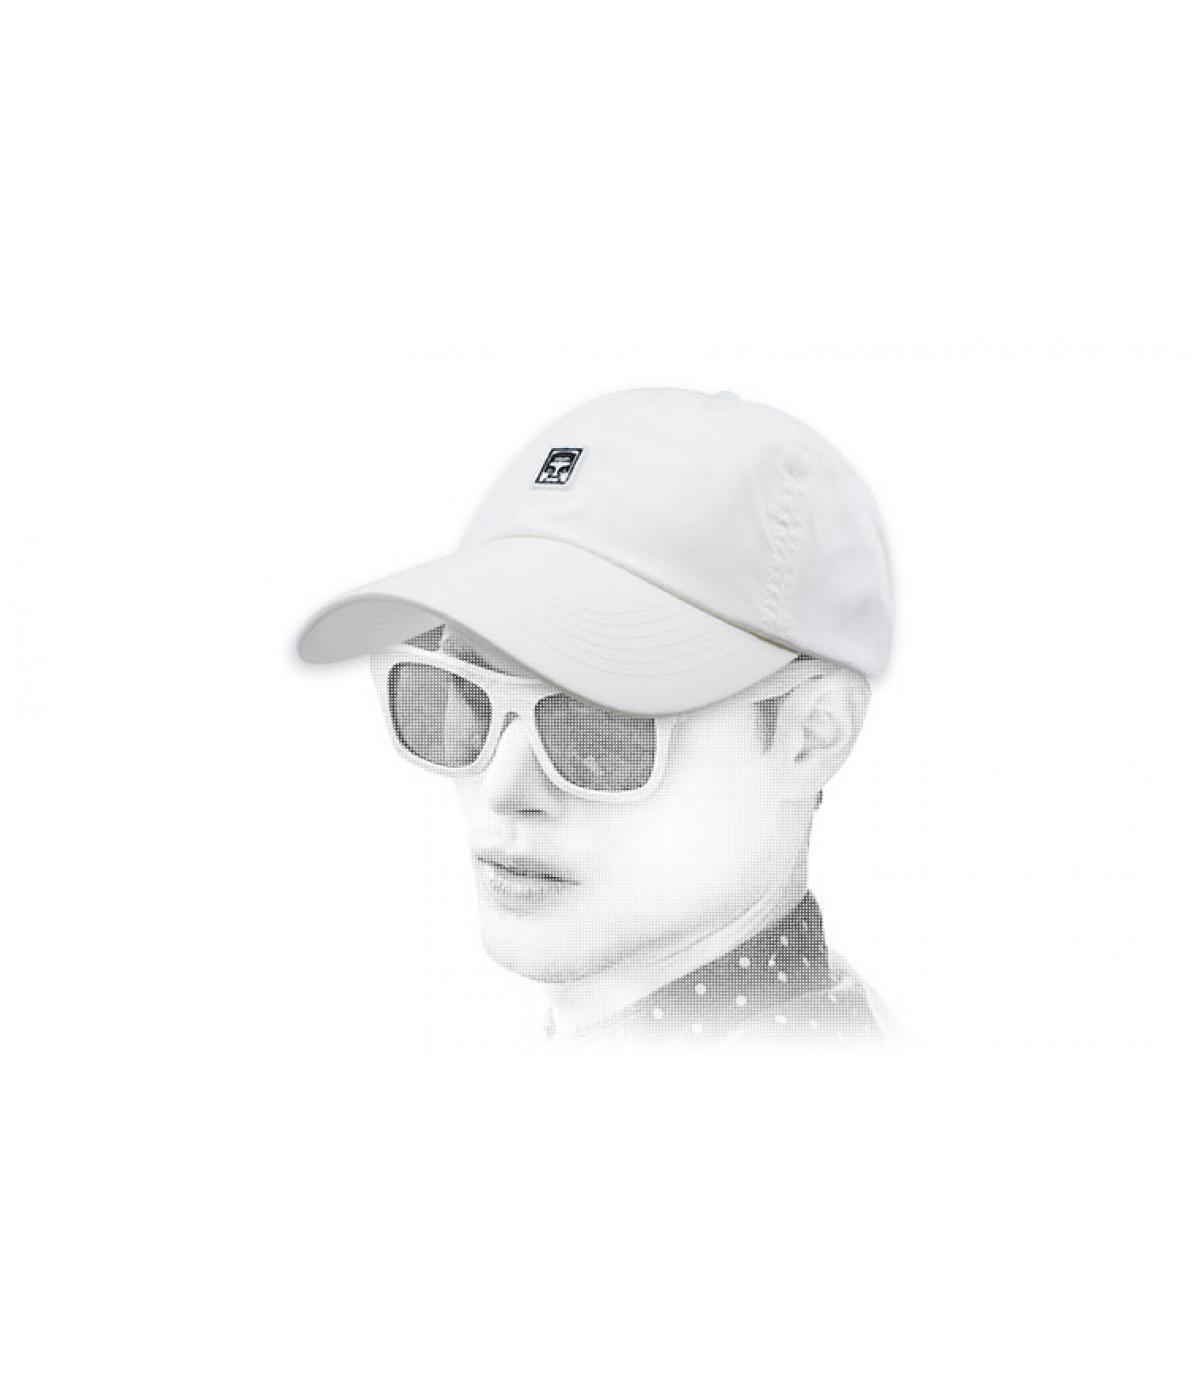 Obey il berretto bianco gigante